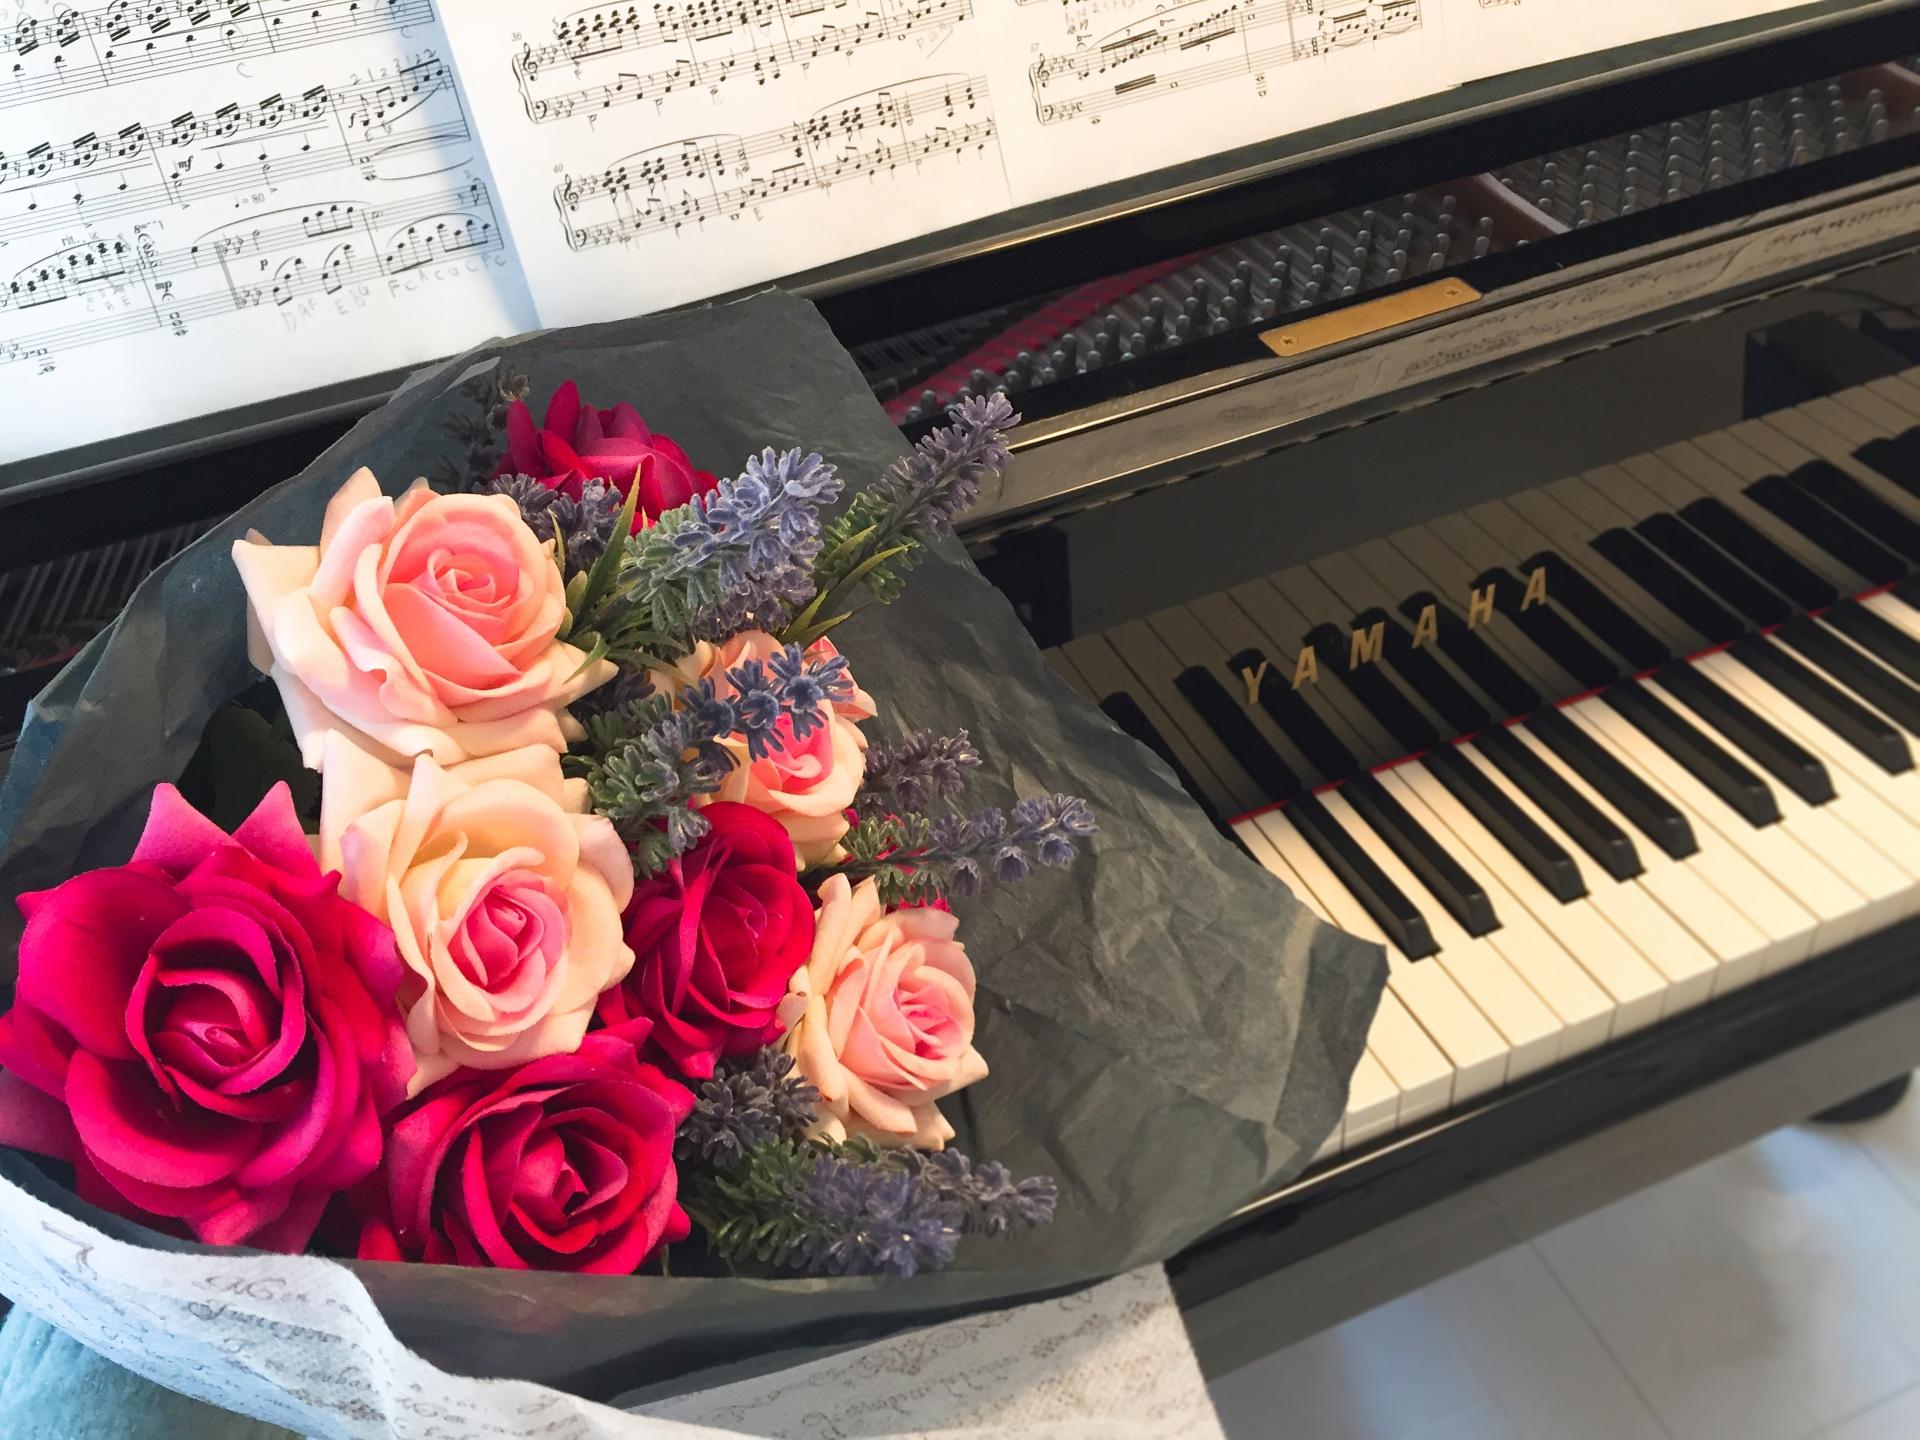 ピアノと花束